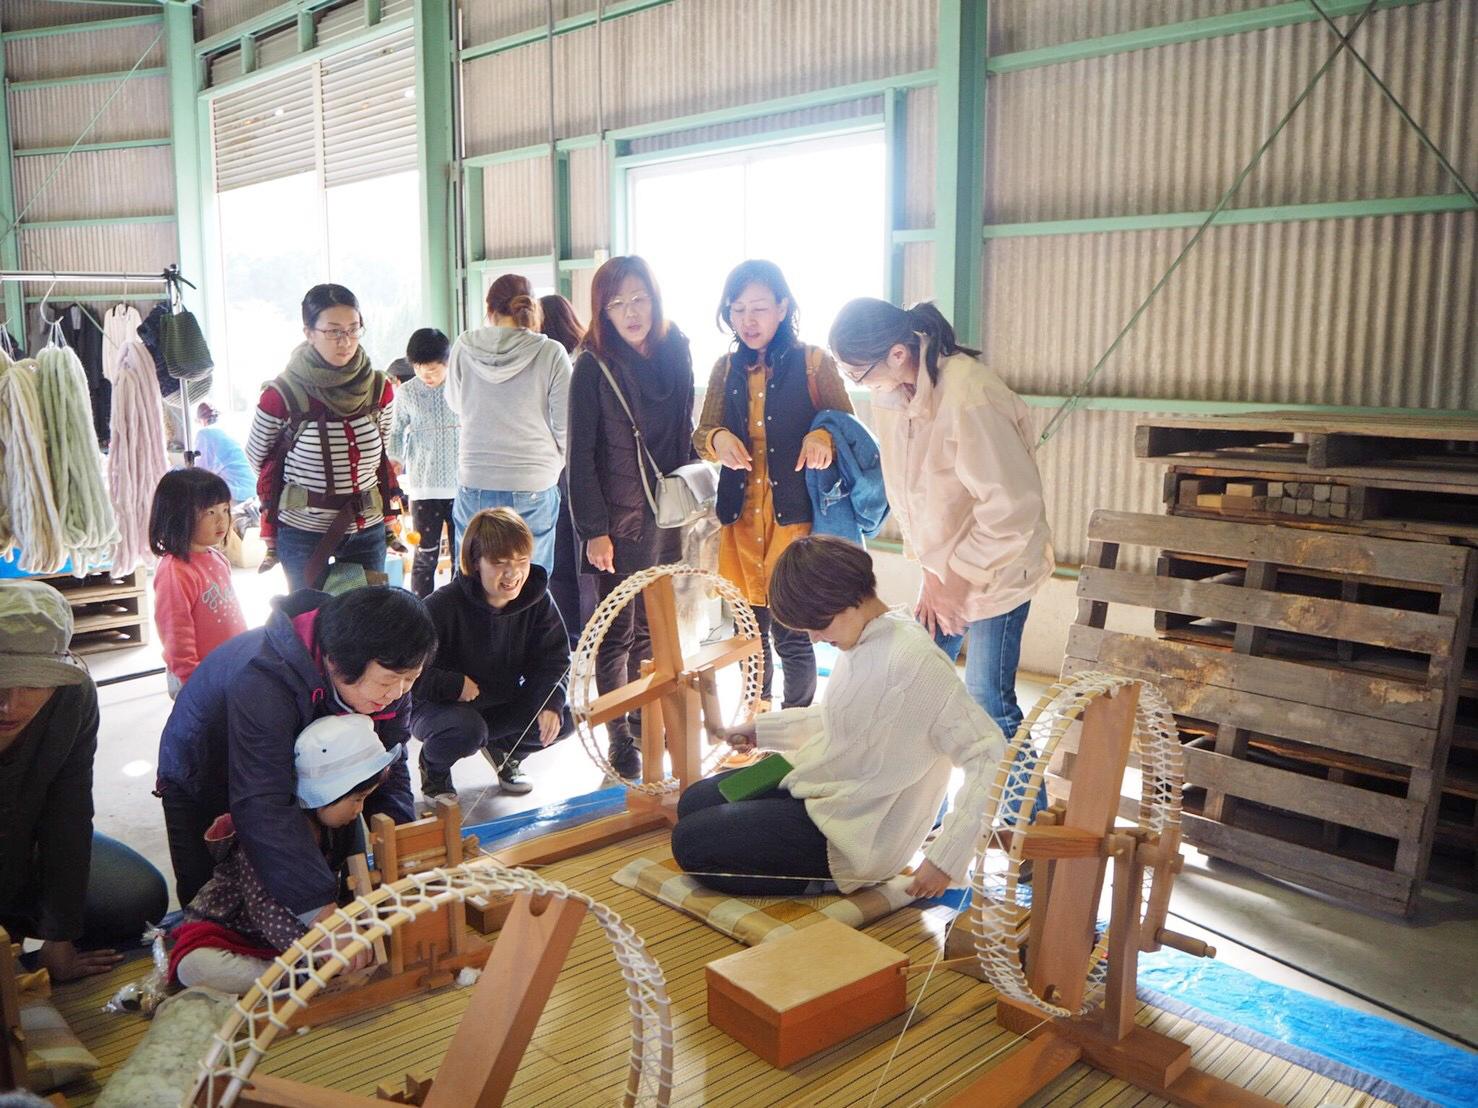 収穫フェスでは、ワークショップとして、糸繰り体験と糸車体験が行われた。